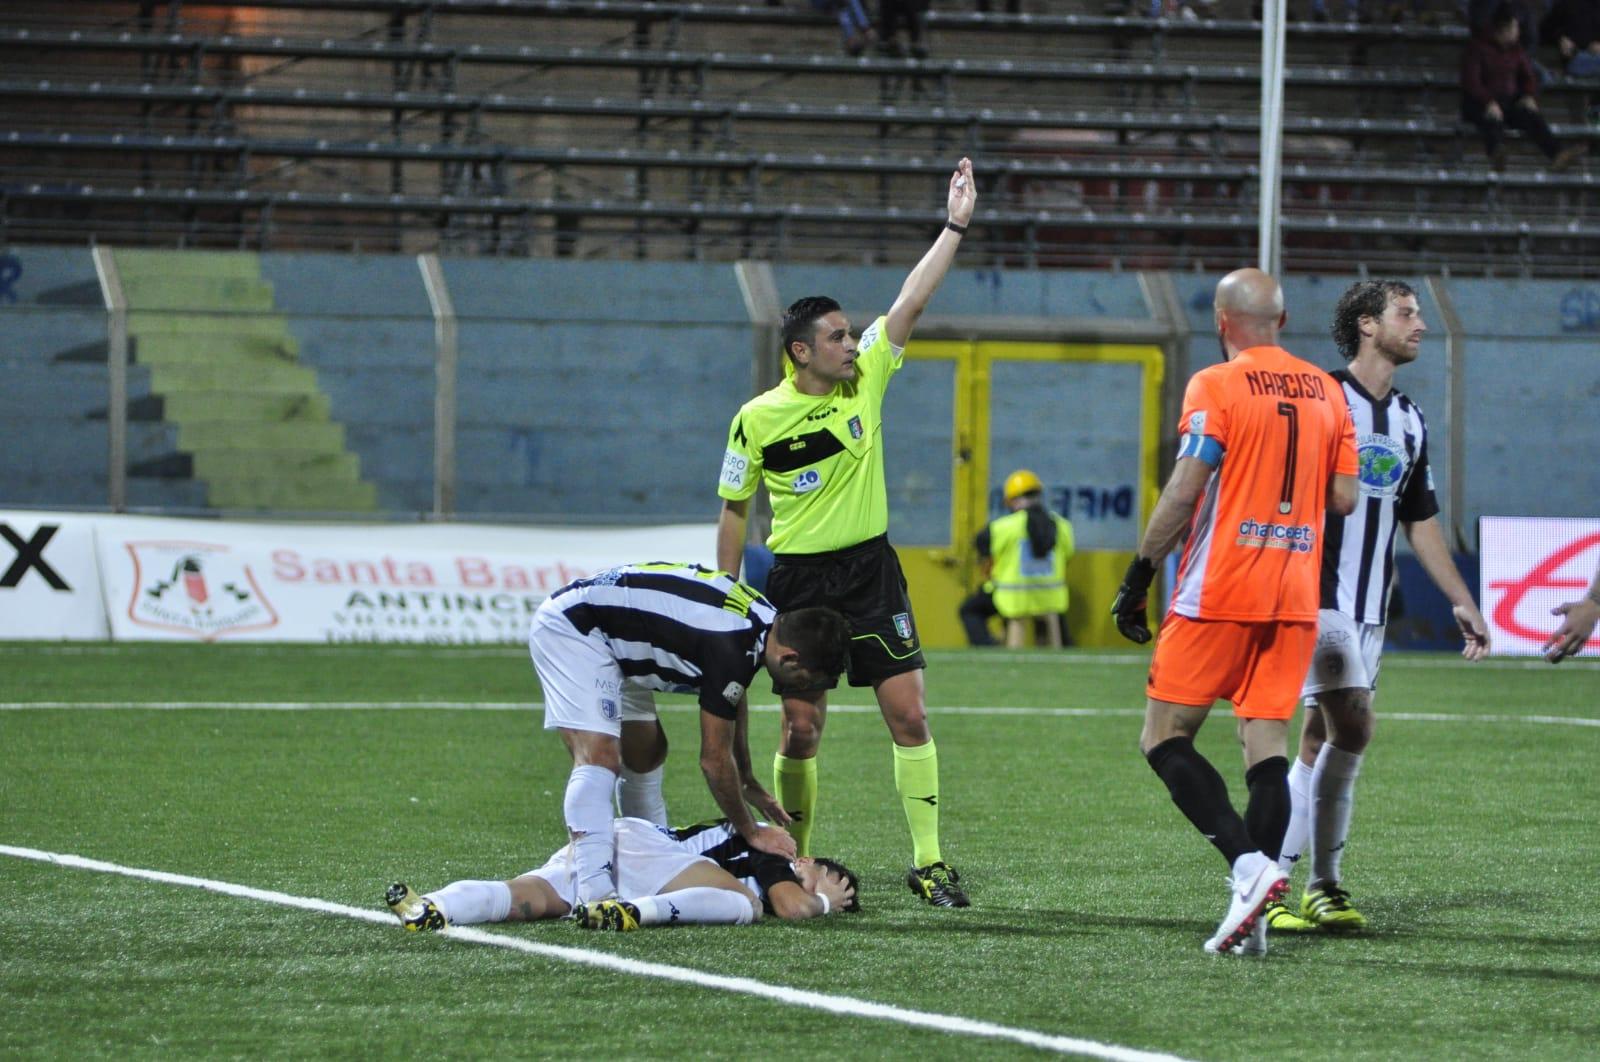 Siracusa e Leonzio si accontentano del pari: è stato il derby della noia